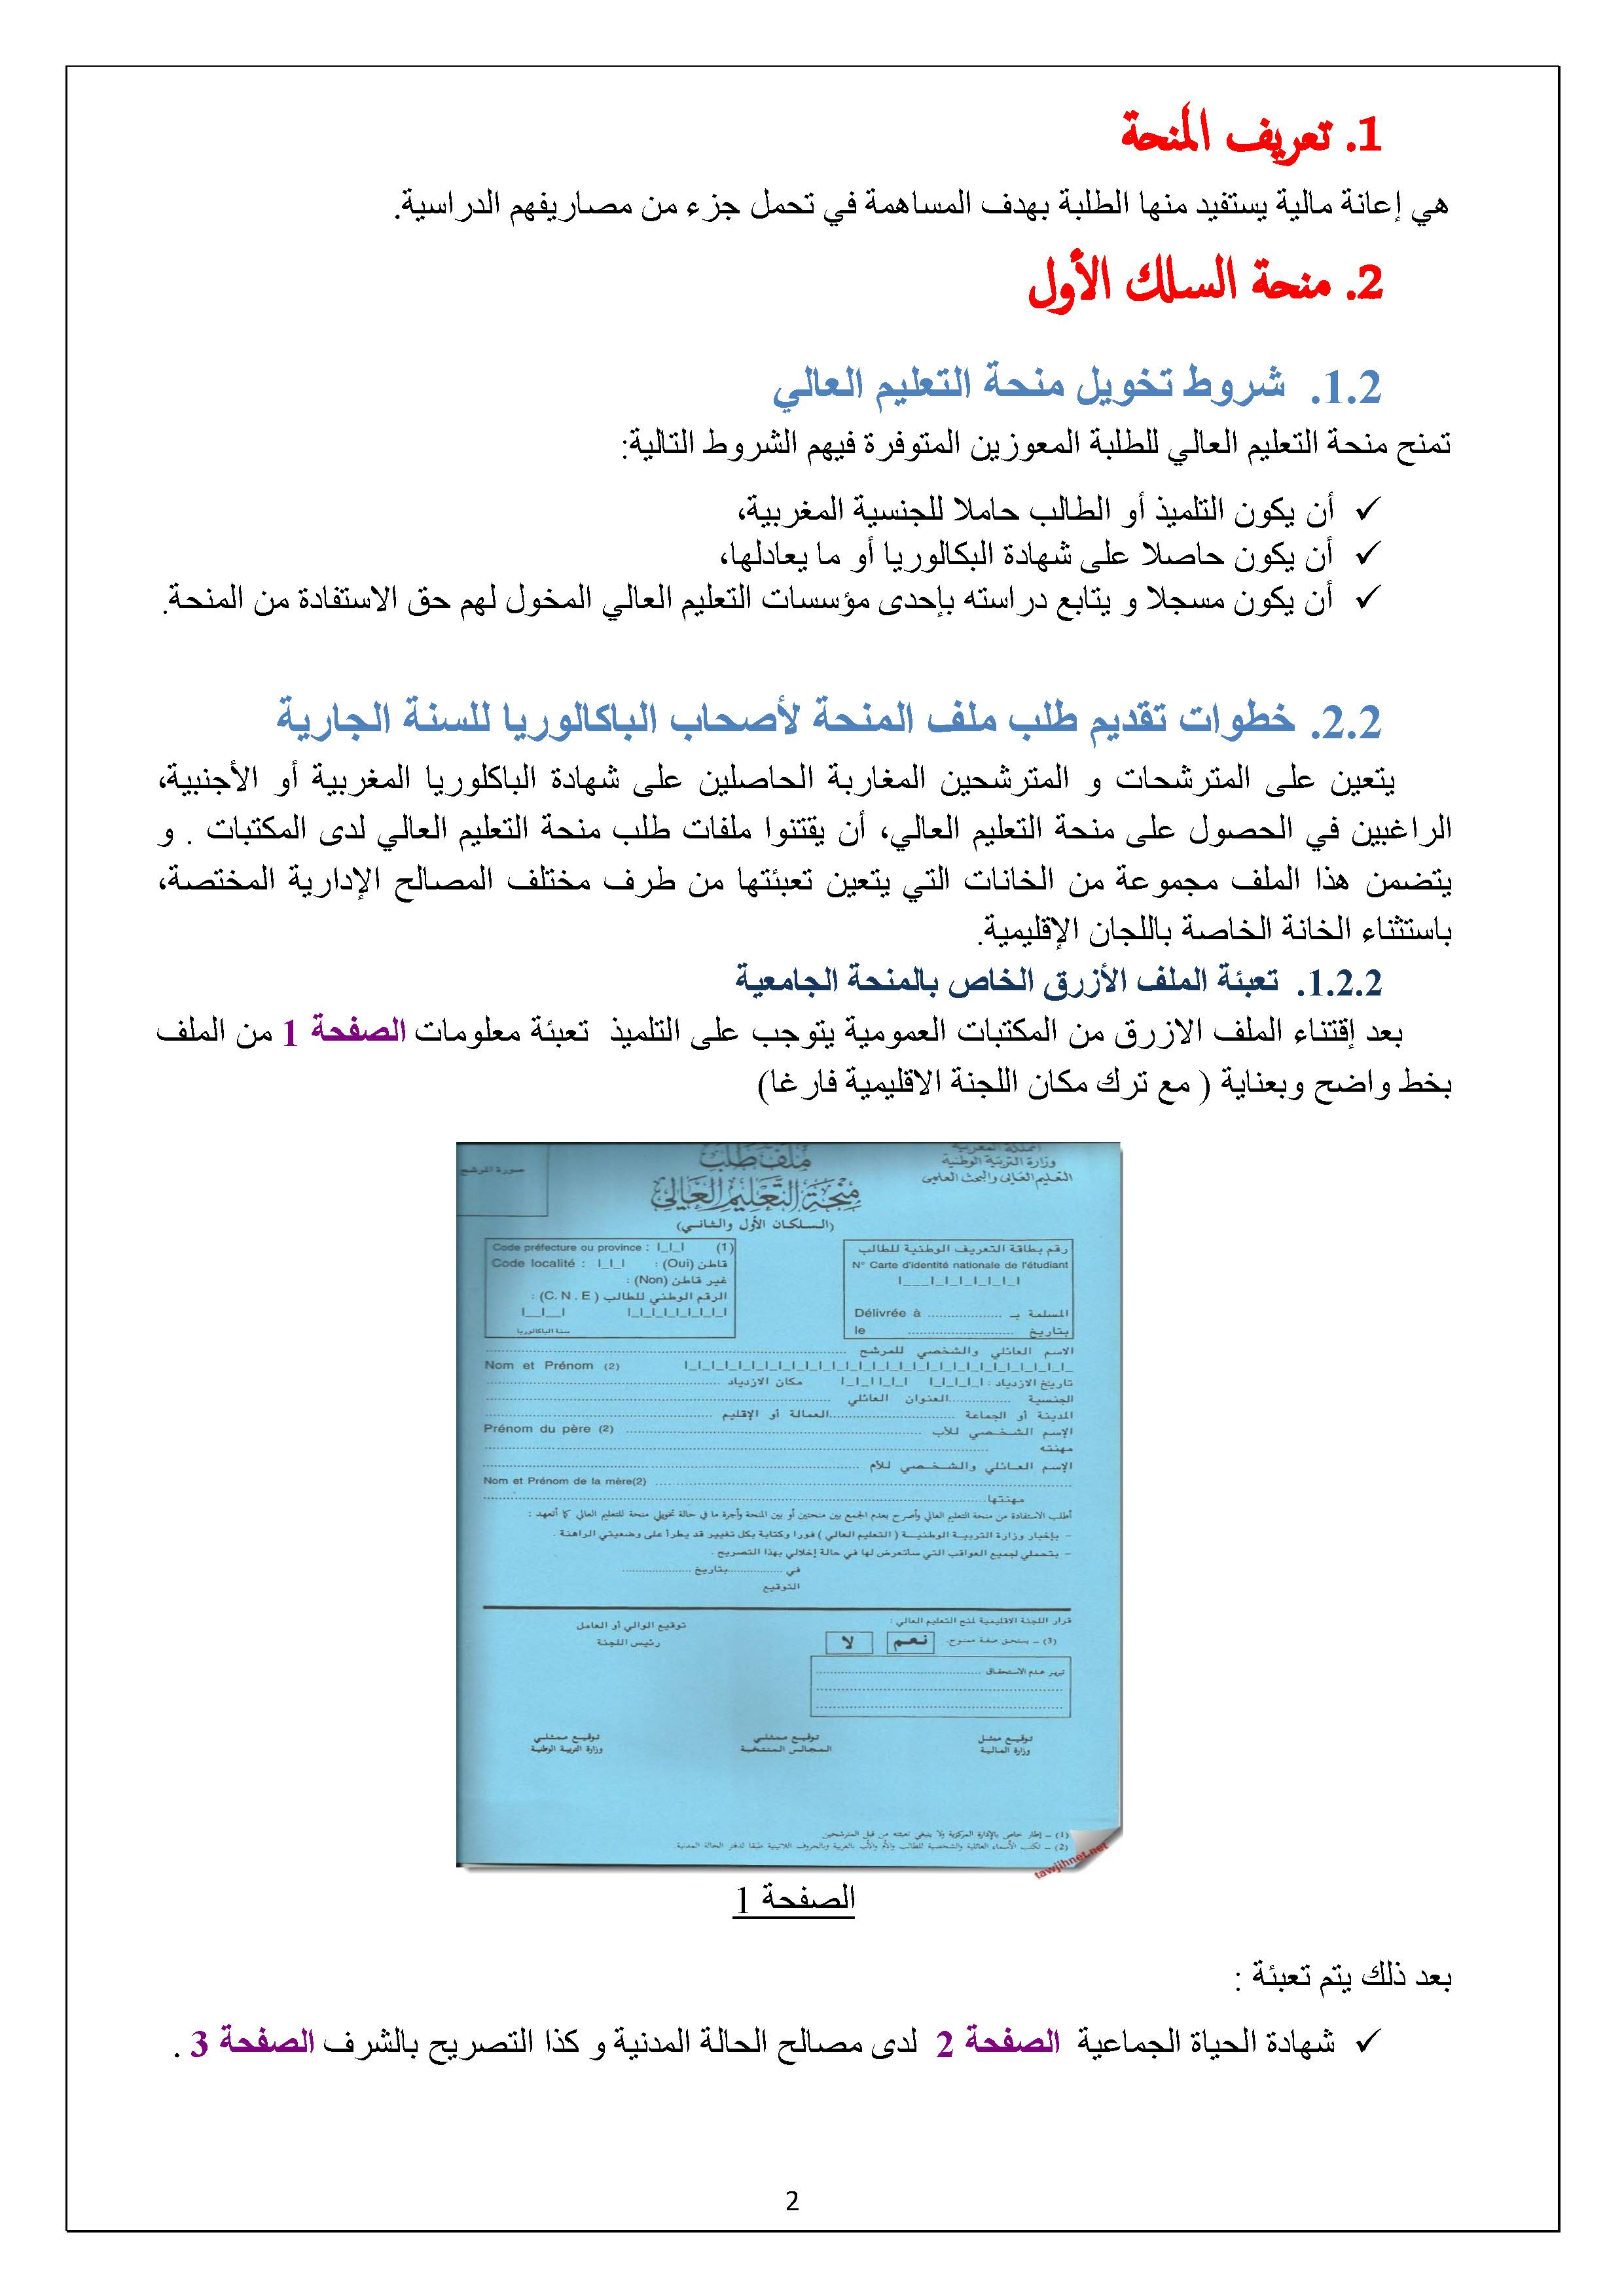 وثائق الحصول على المنحة الجامعية 2016 بالمغرب 3